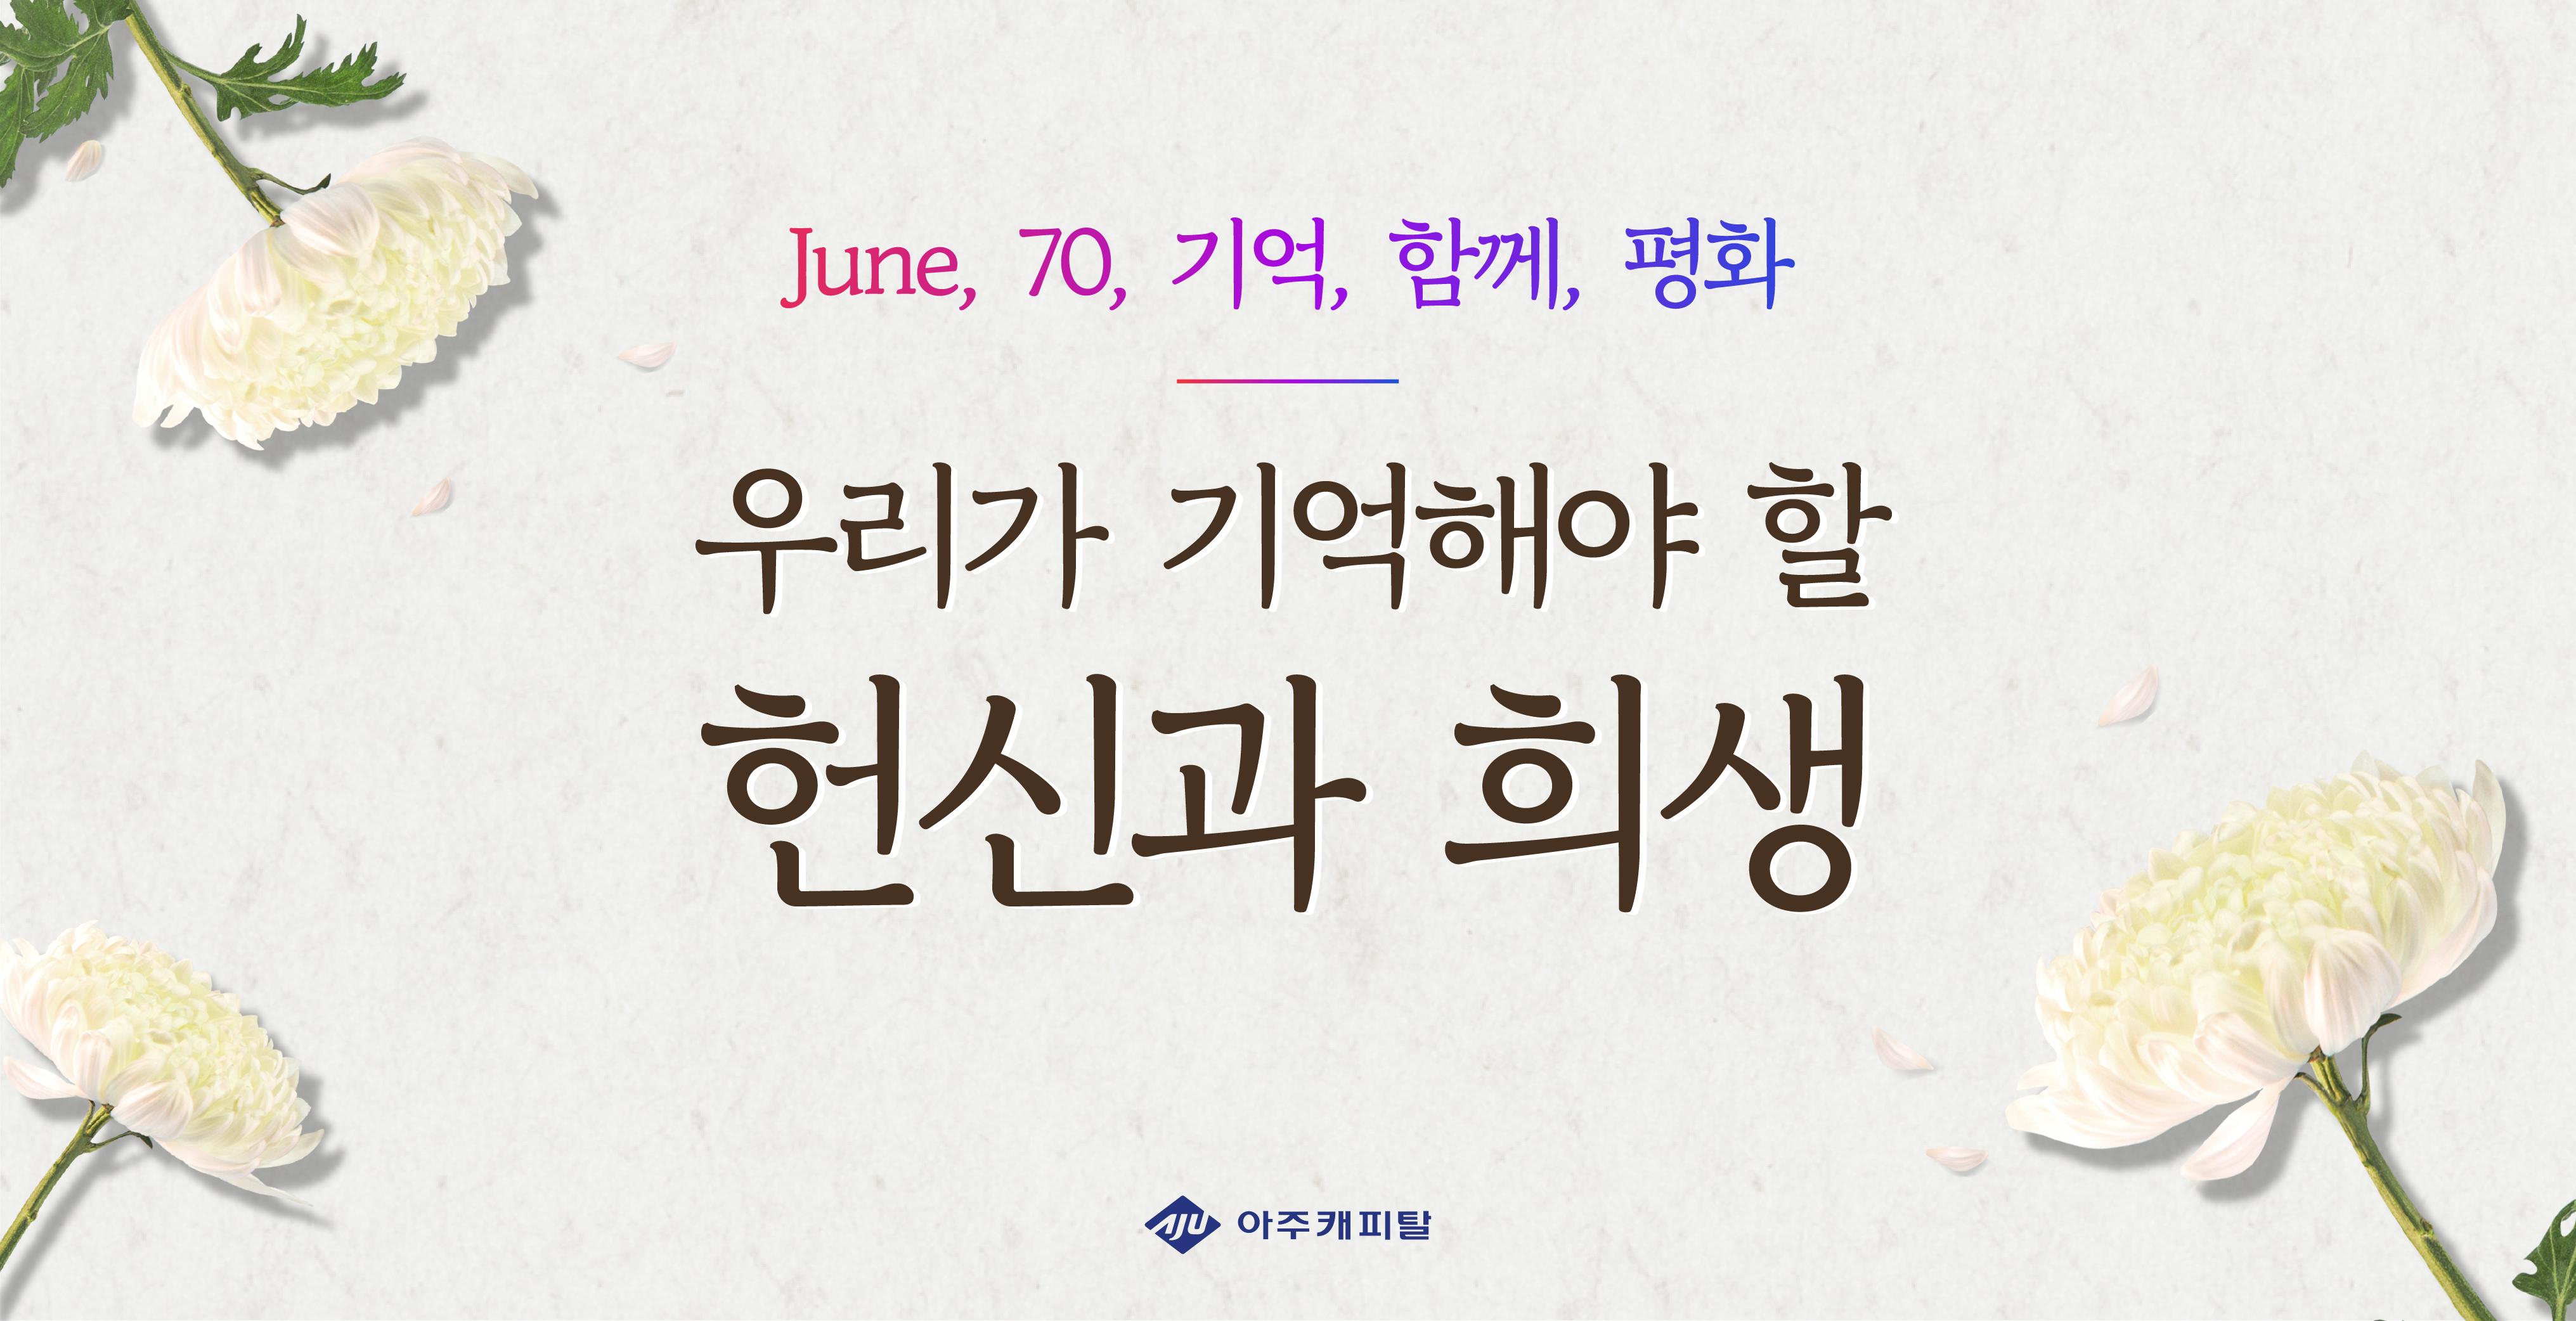 [호국보훈의 달] June, 70, 기억, 함께, 평화